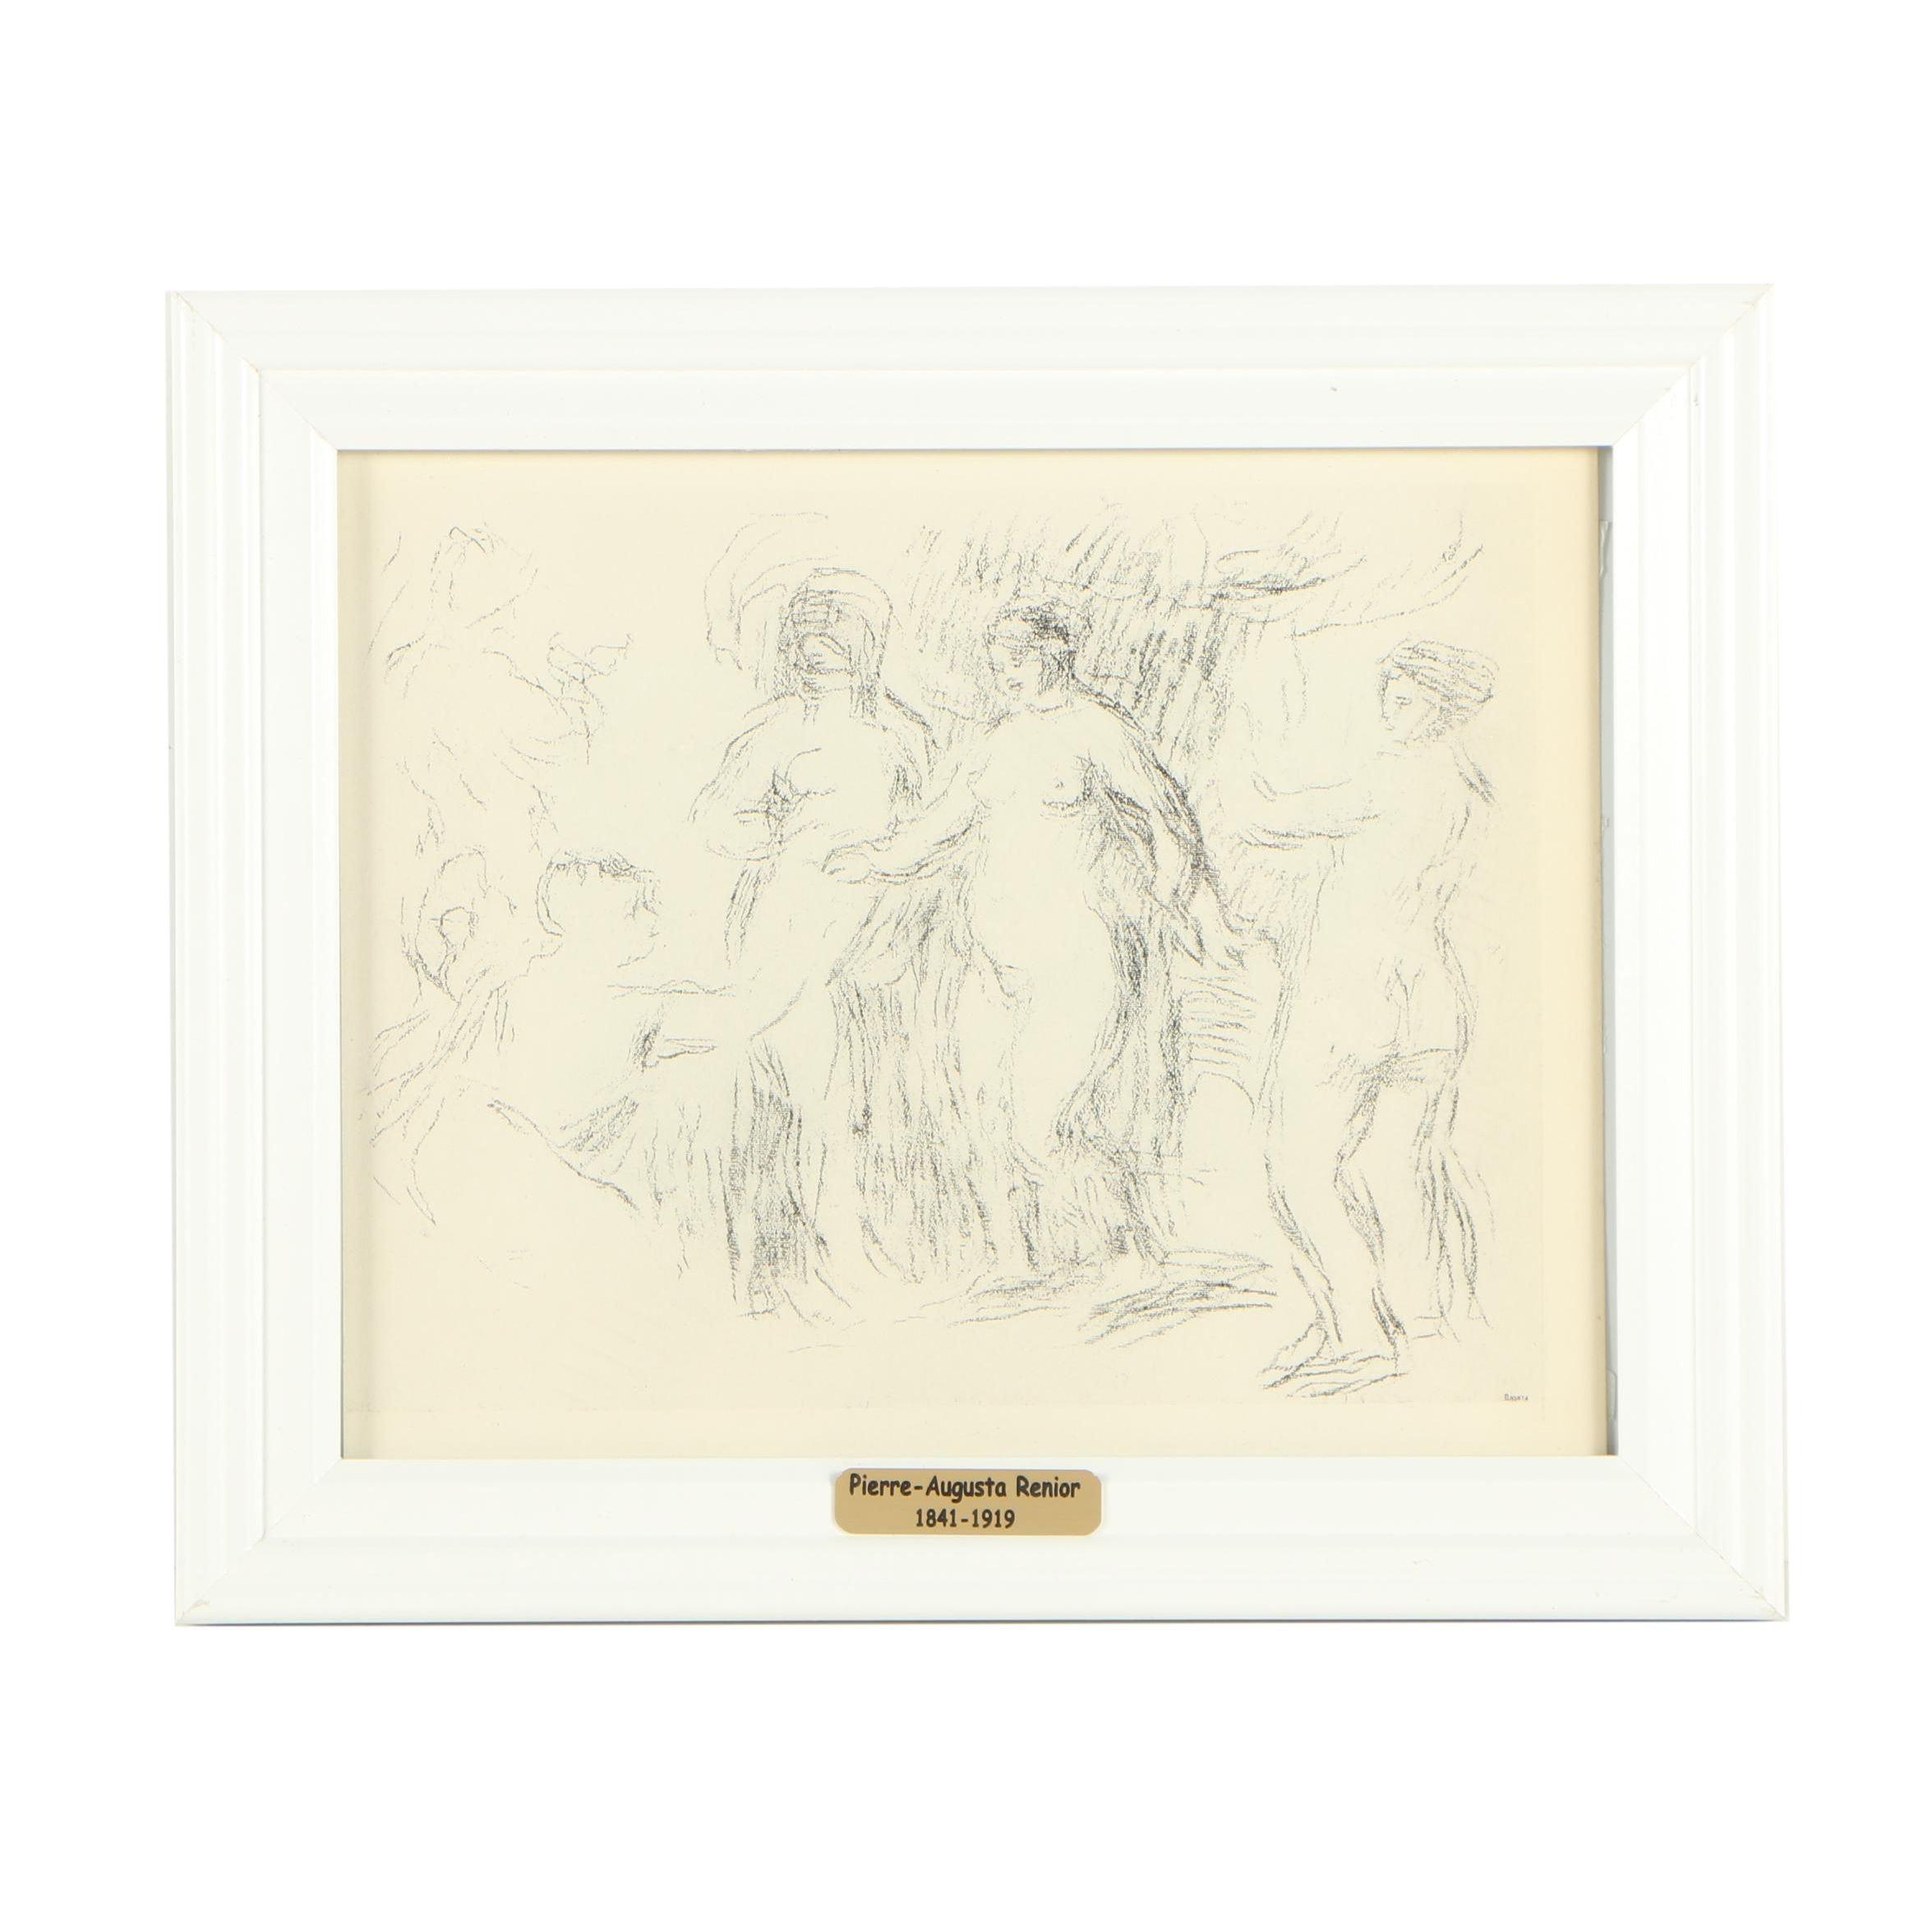 """Lithograph After Pierre-Auguste Renoir """"Les Baigneuses (Delteil 51/Stella 51)"""""""